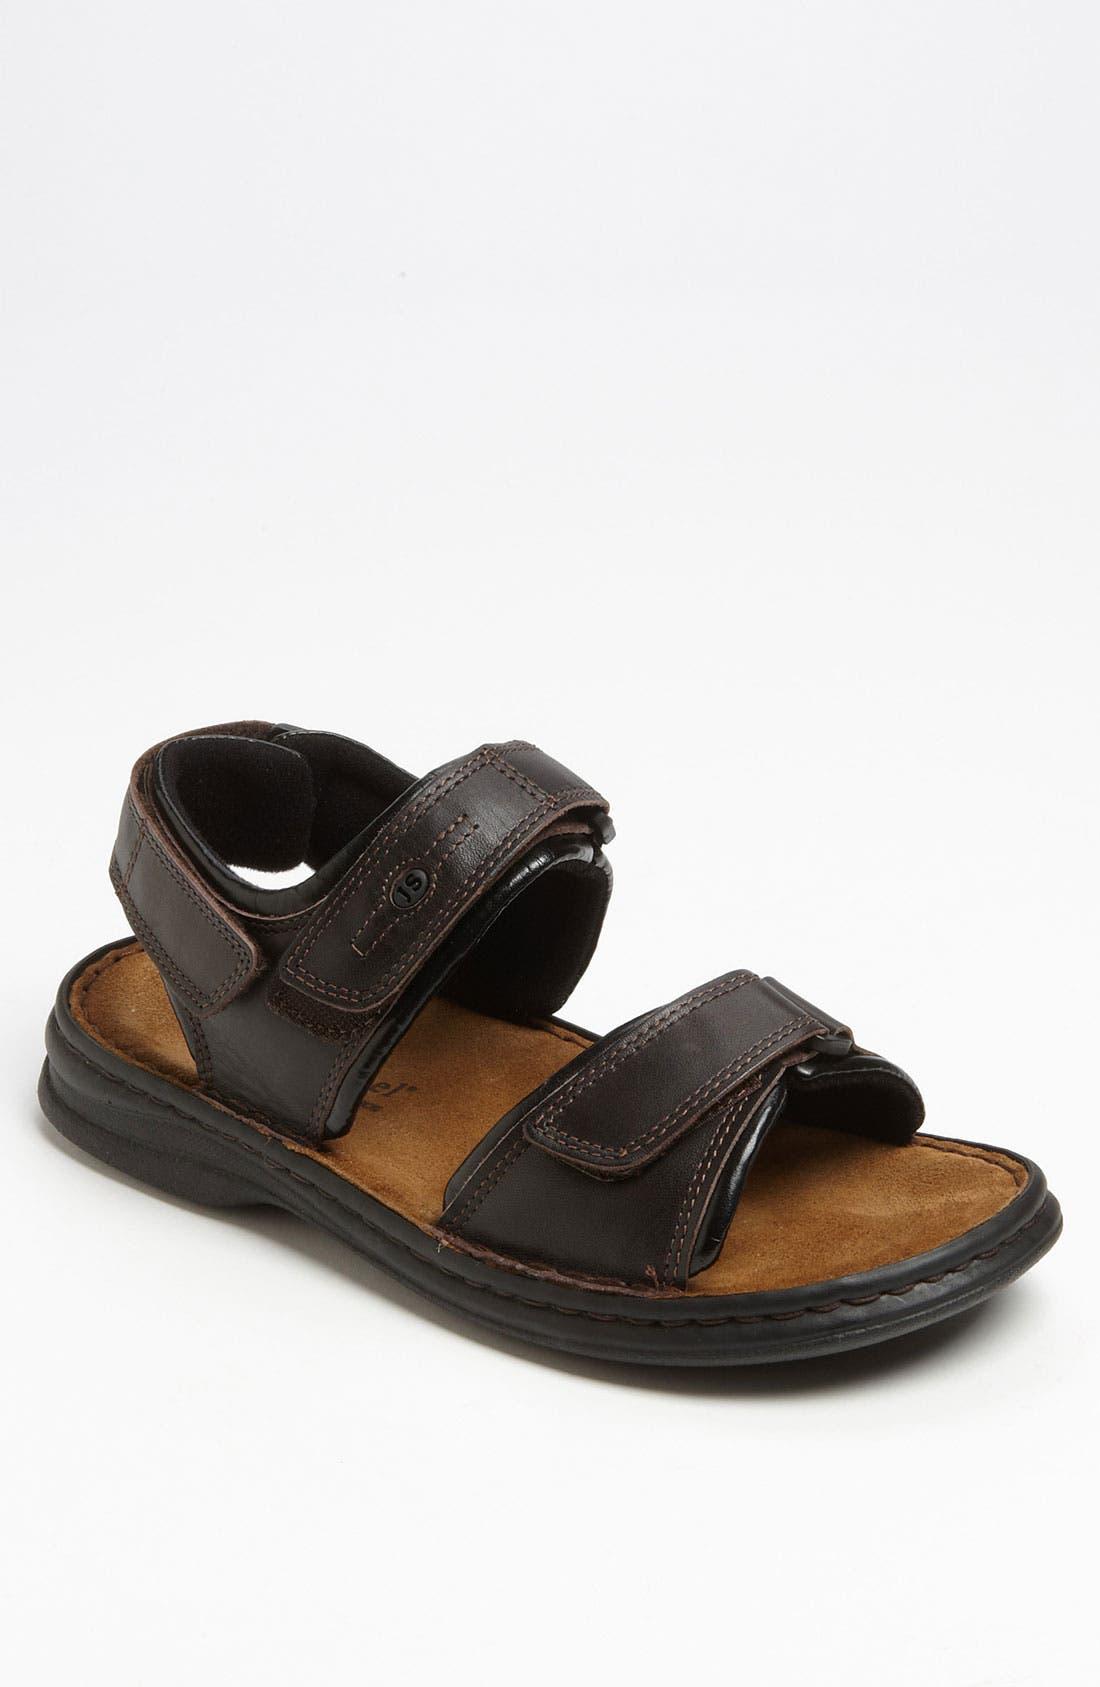 'Rafe' Sandal